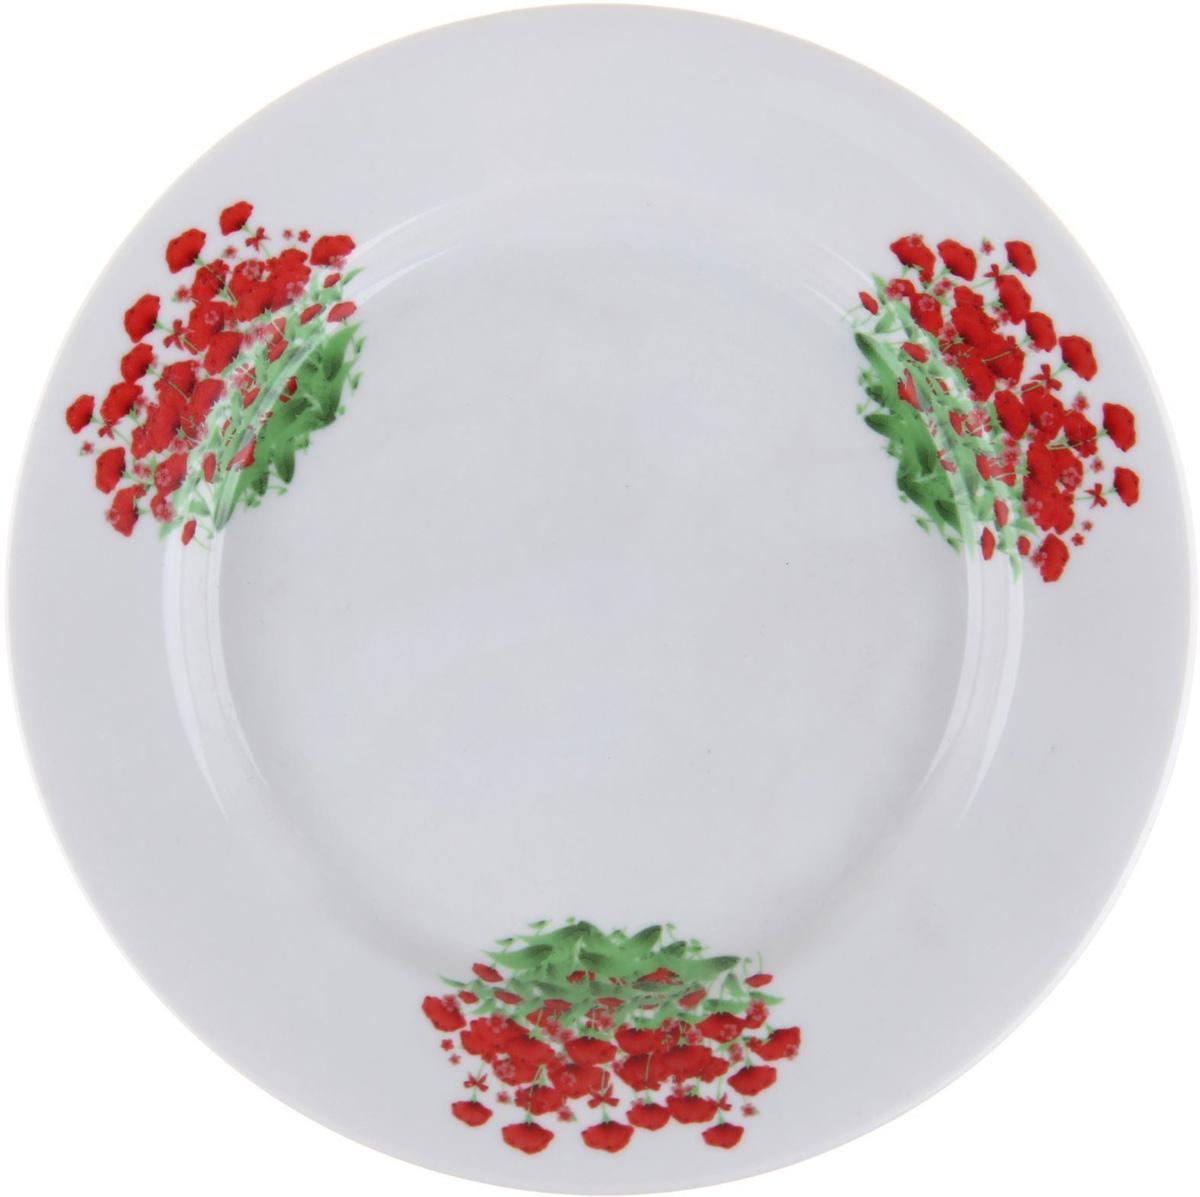 Тарелка мелкая Фарфор Вербилок Альпийский луг, диаметр 20 см. 12627901262790Тарелка Фарфор Вербилок изготовлена изфарфора.Такая тарелка прекрасно подходит как дляторжественных случаев, так и для повседневногоиспользования.Идеальна для подачи десертов, пирожных, тортов имногого другого. Она прекрасно оформит стол истанетотличным дополнением к вашей коллекциикухоннойпосуды.Диаметр тарелки (по верхнему краю): 20 см.